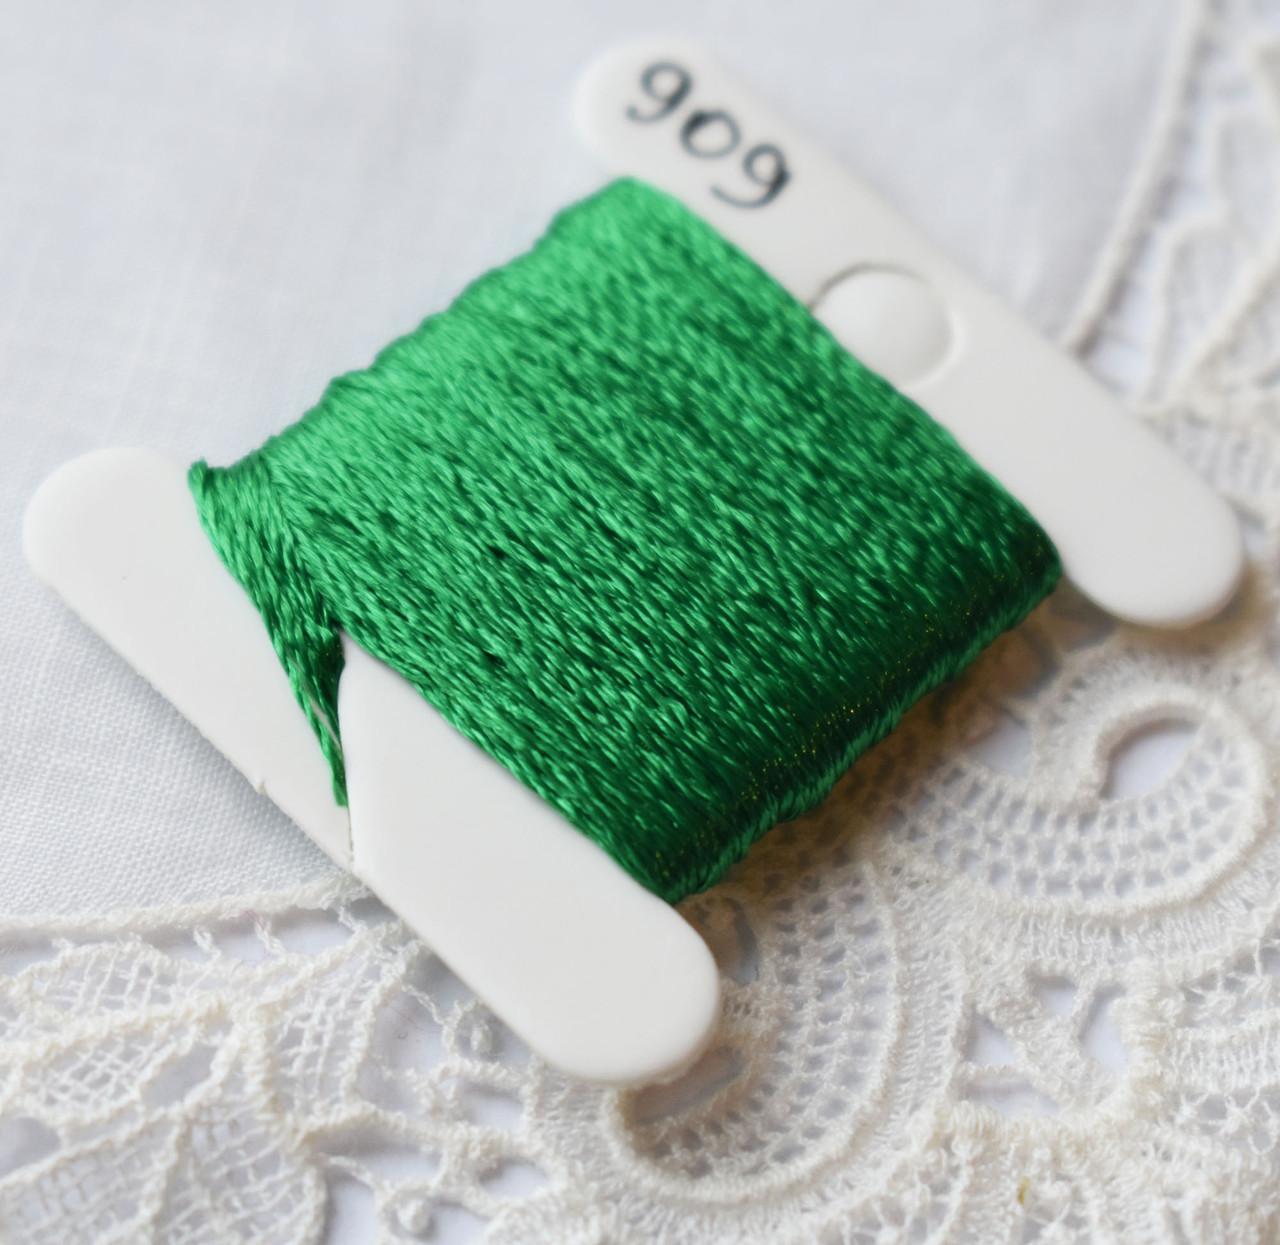 Мулине имитация шелка, 4м, 6 сложений, сочная зелень